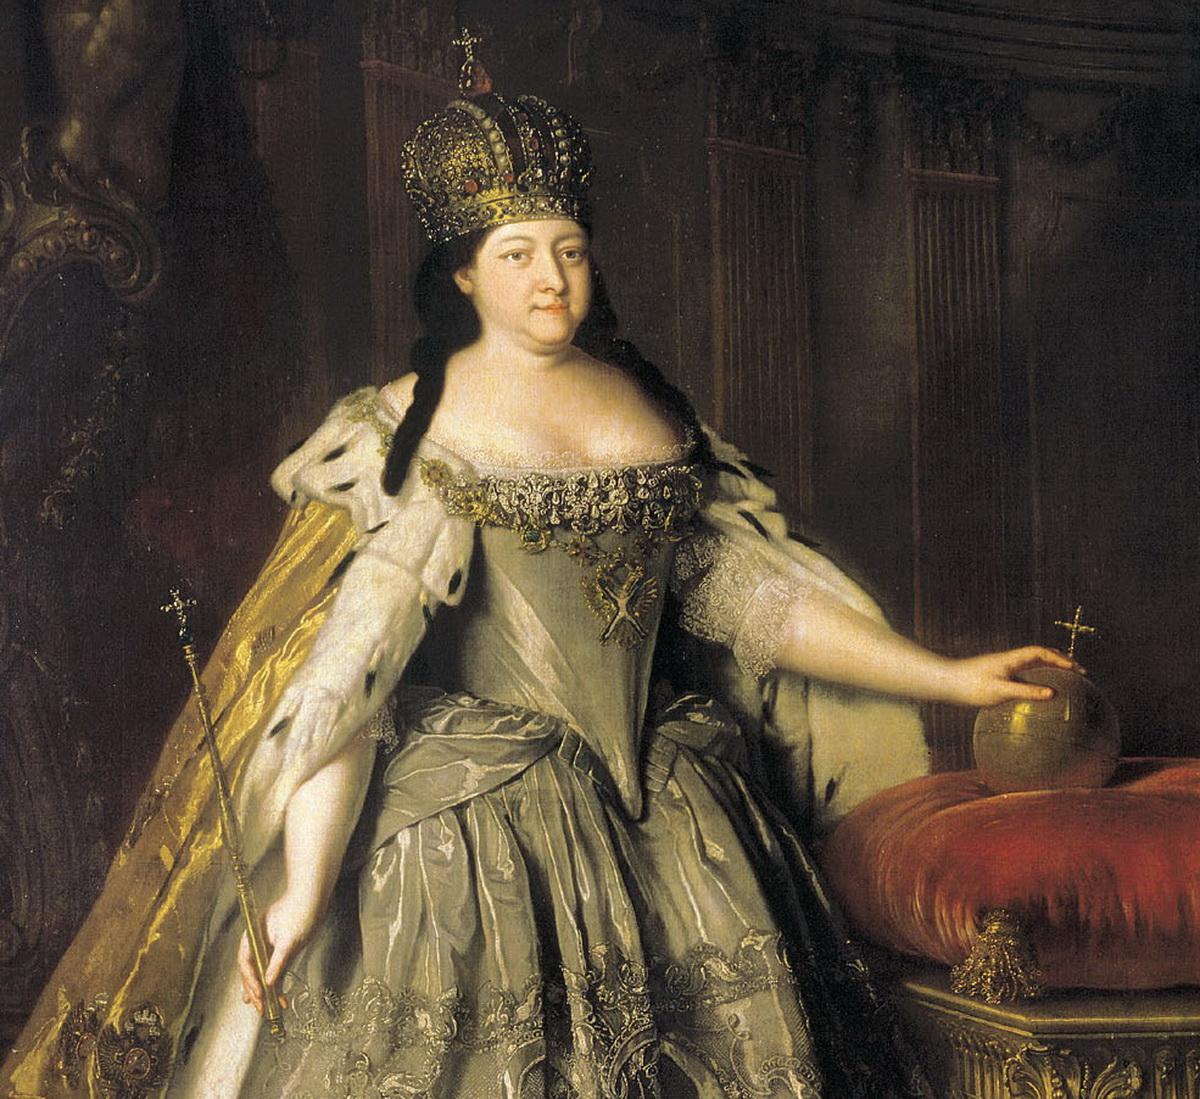 Anna cárnő a lengyel koronával